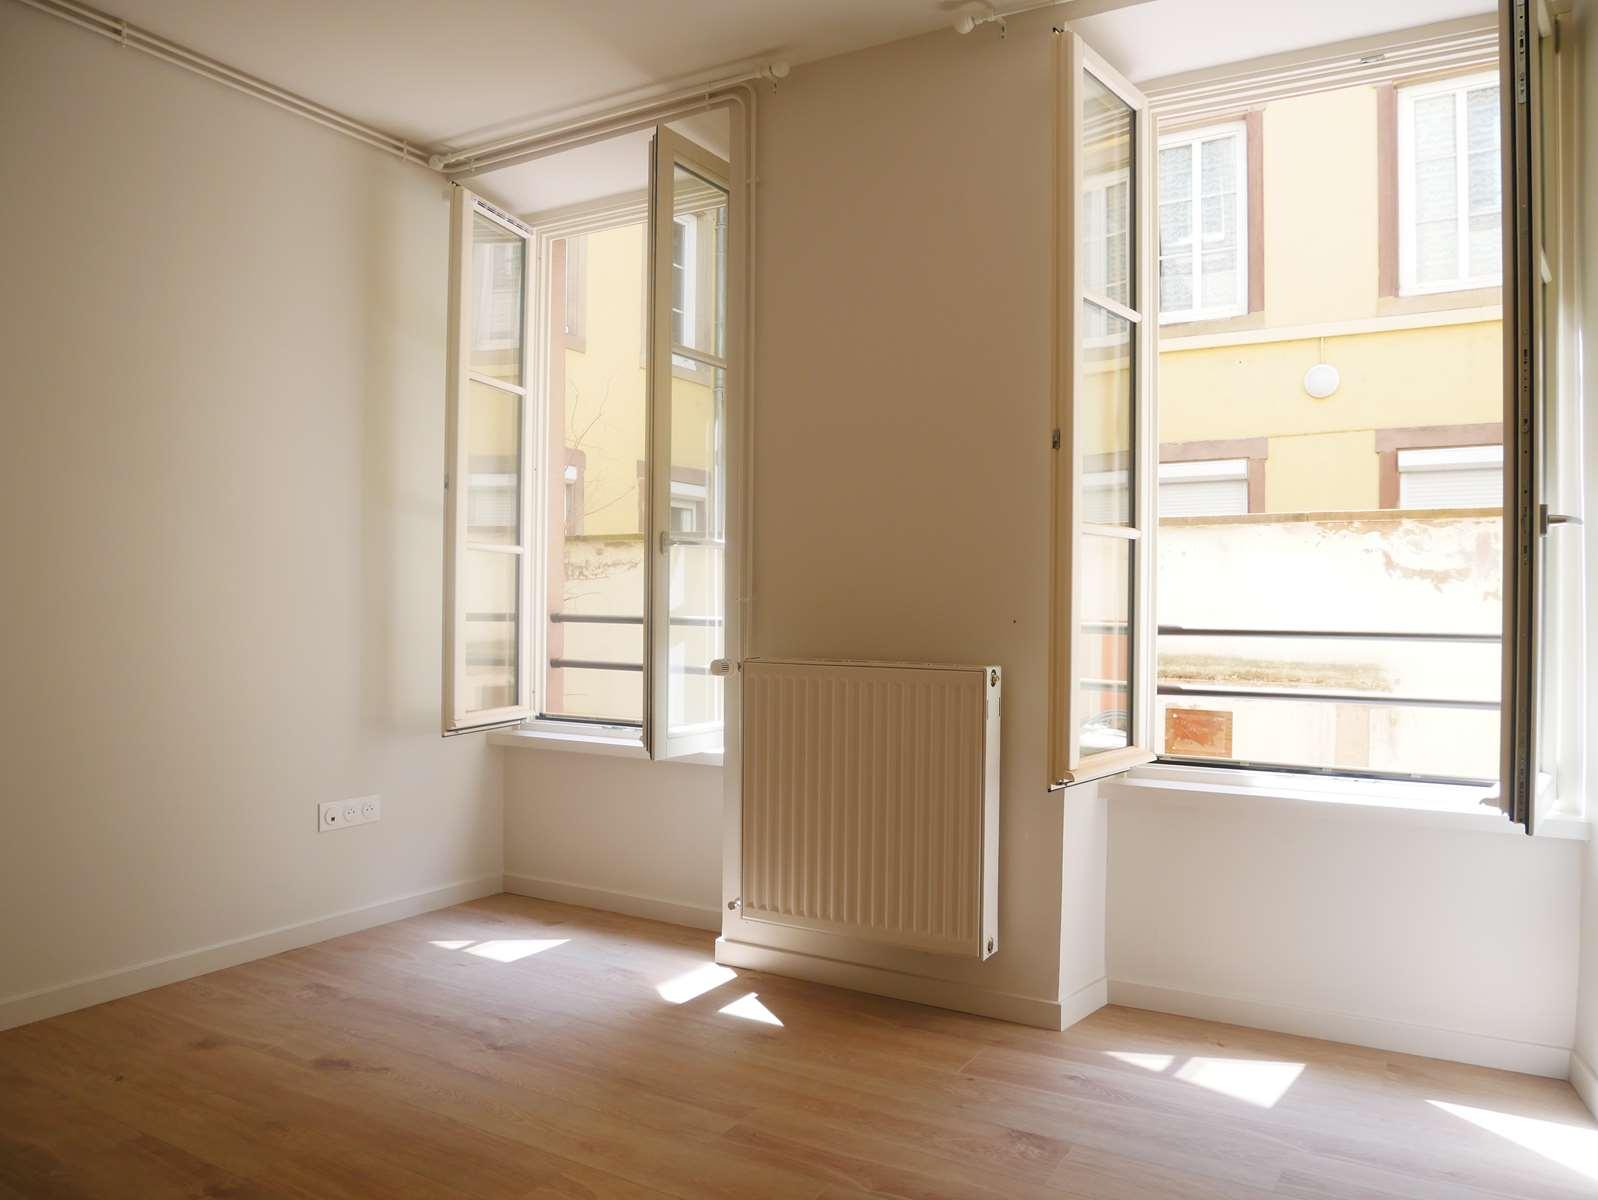 [Grand Dragon] Un superbe 4 pièces refait à neuf - Petite France / rue du Dragon - nos locations - Beausite Immobilier 6